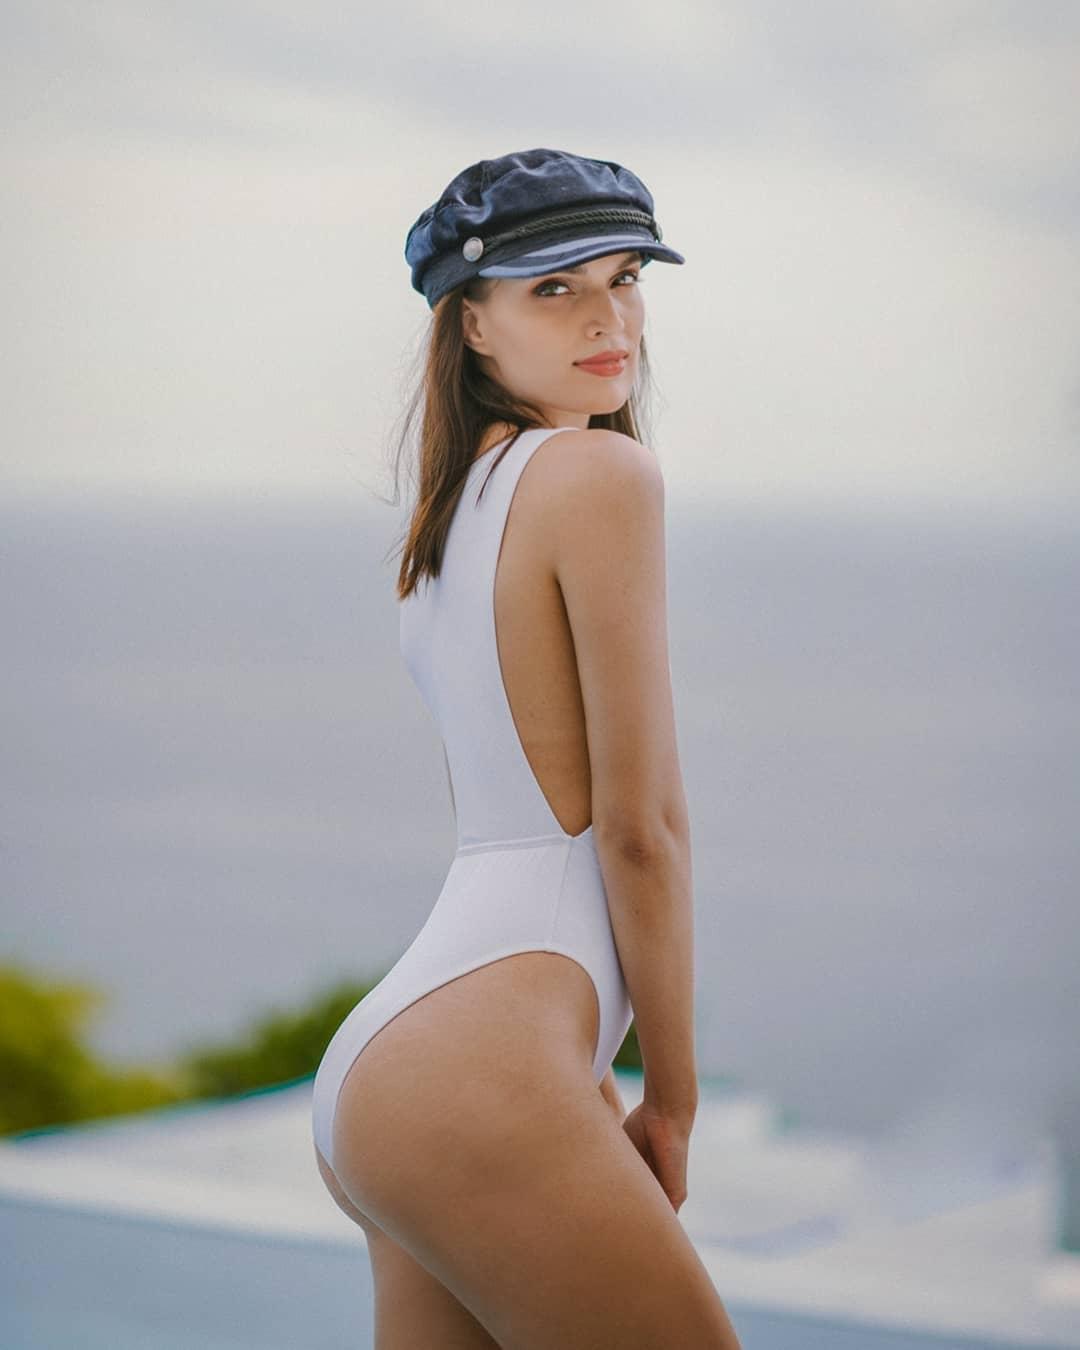 hanna weiser, top 15 de supermodel international 2018/top 10 de miss brasil mundo 2014. - Página 4 98467810